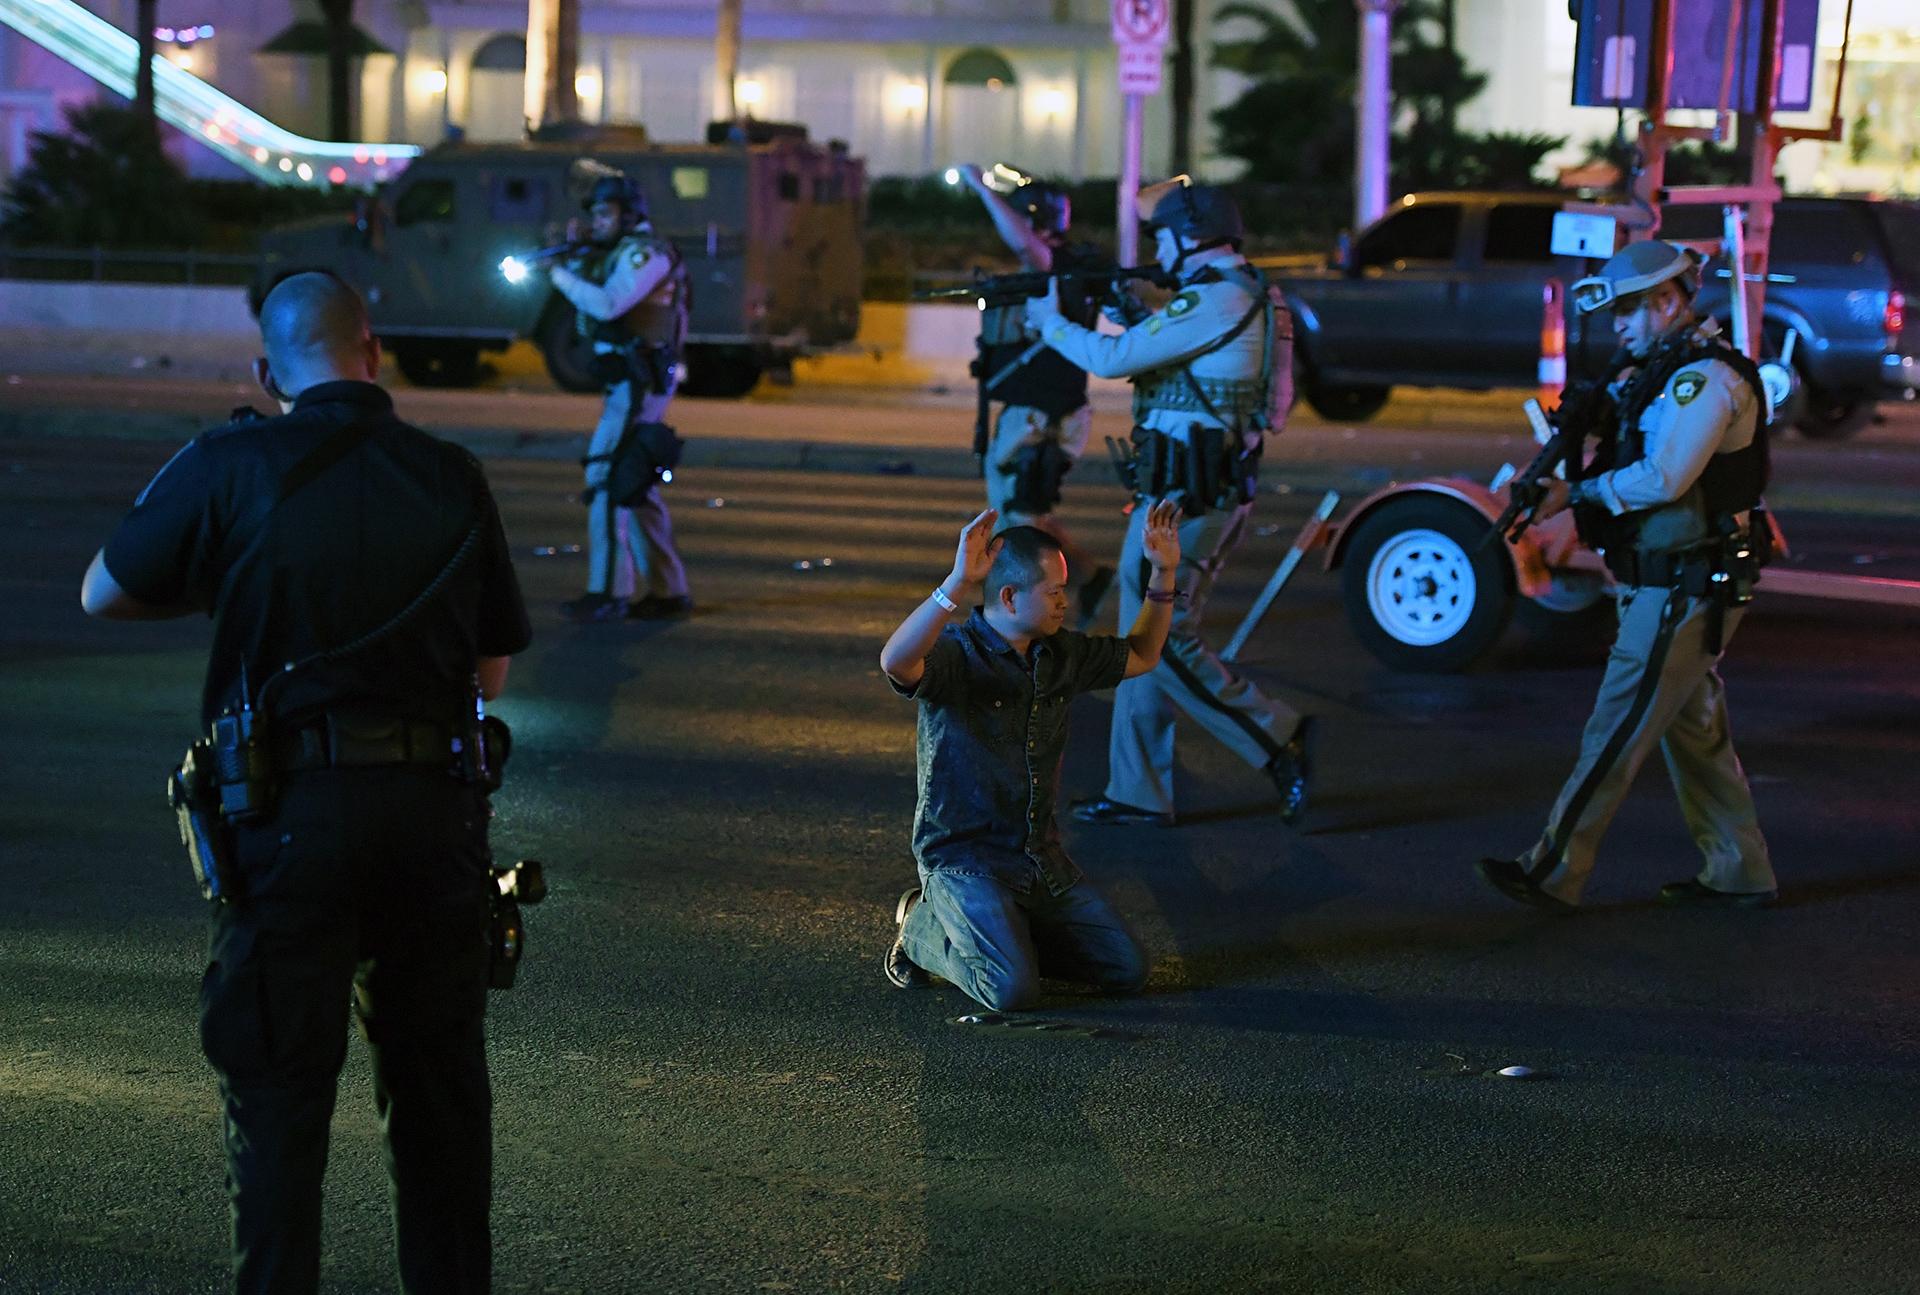 La policía de Las Vegas detiene a un hombre que conducía un vehículo en la avenida Tropicana